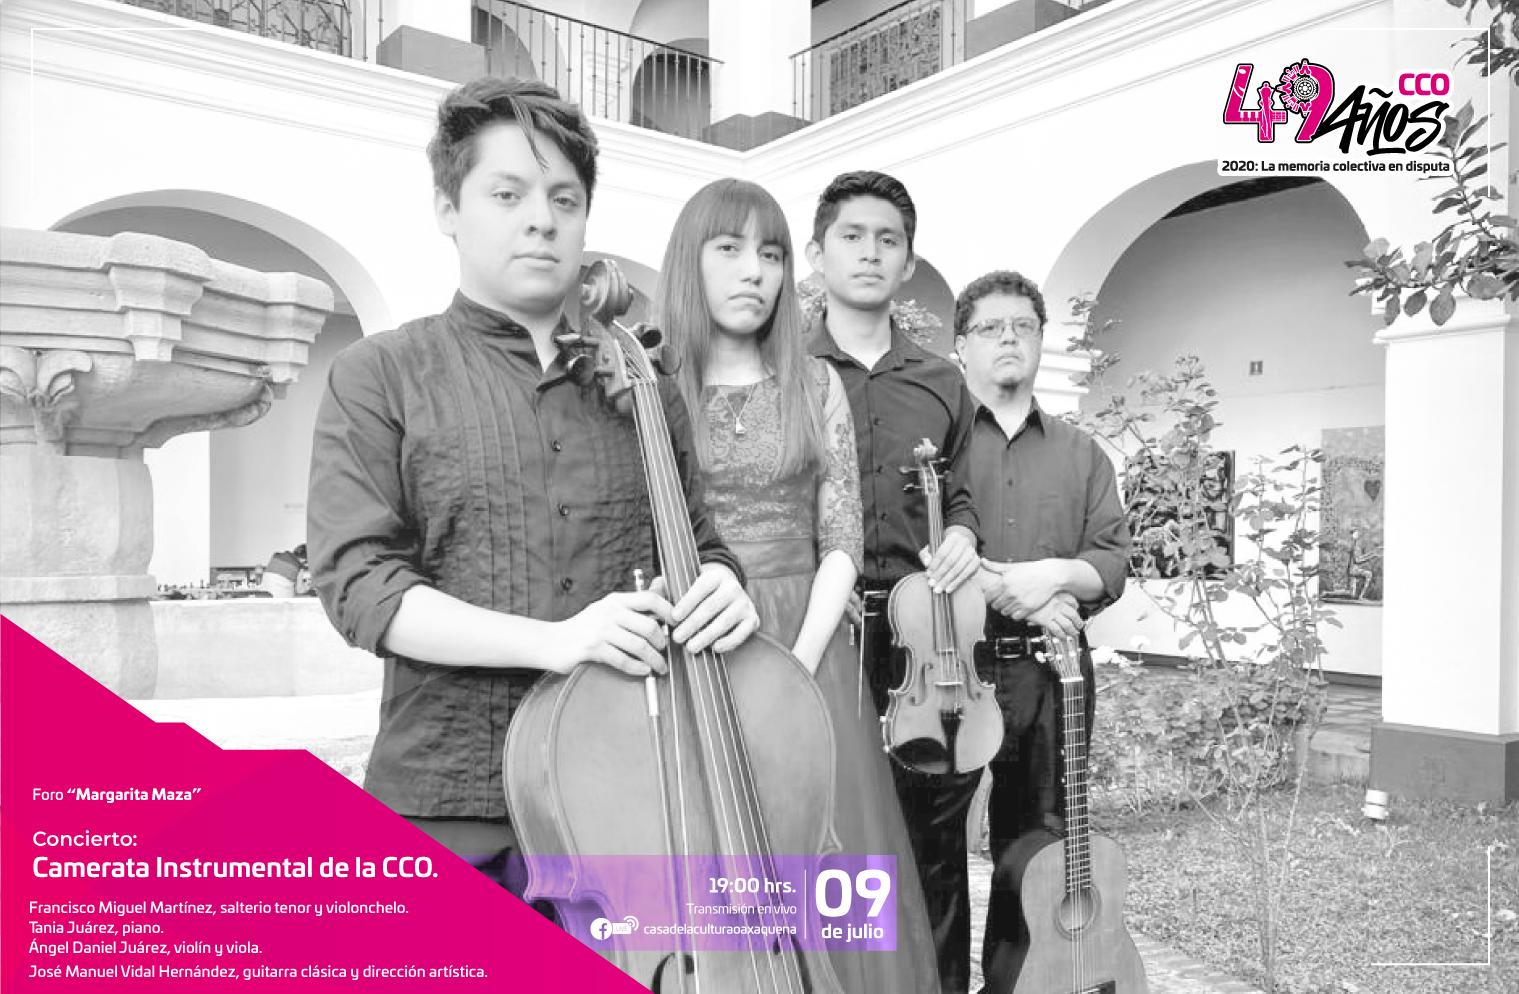 Ofrecerá la Camerata Instrumental de la CCO concierto virtual de música clásica